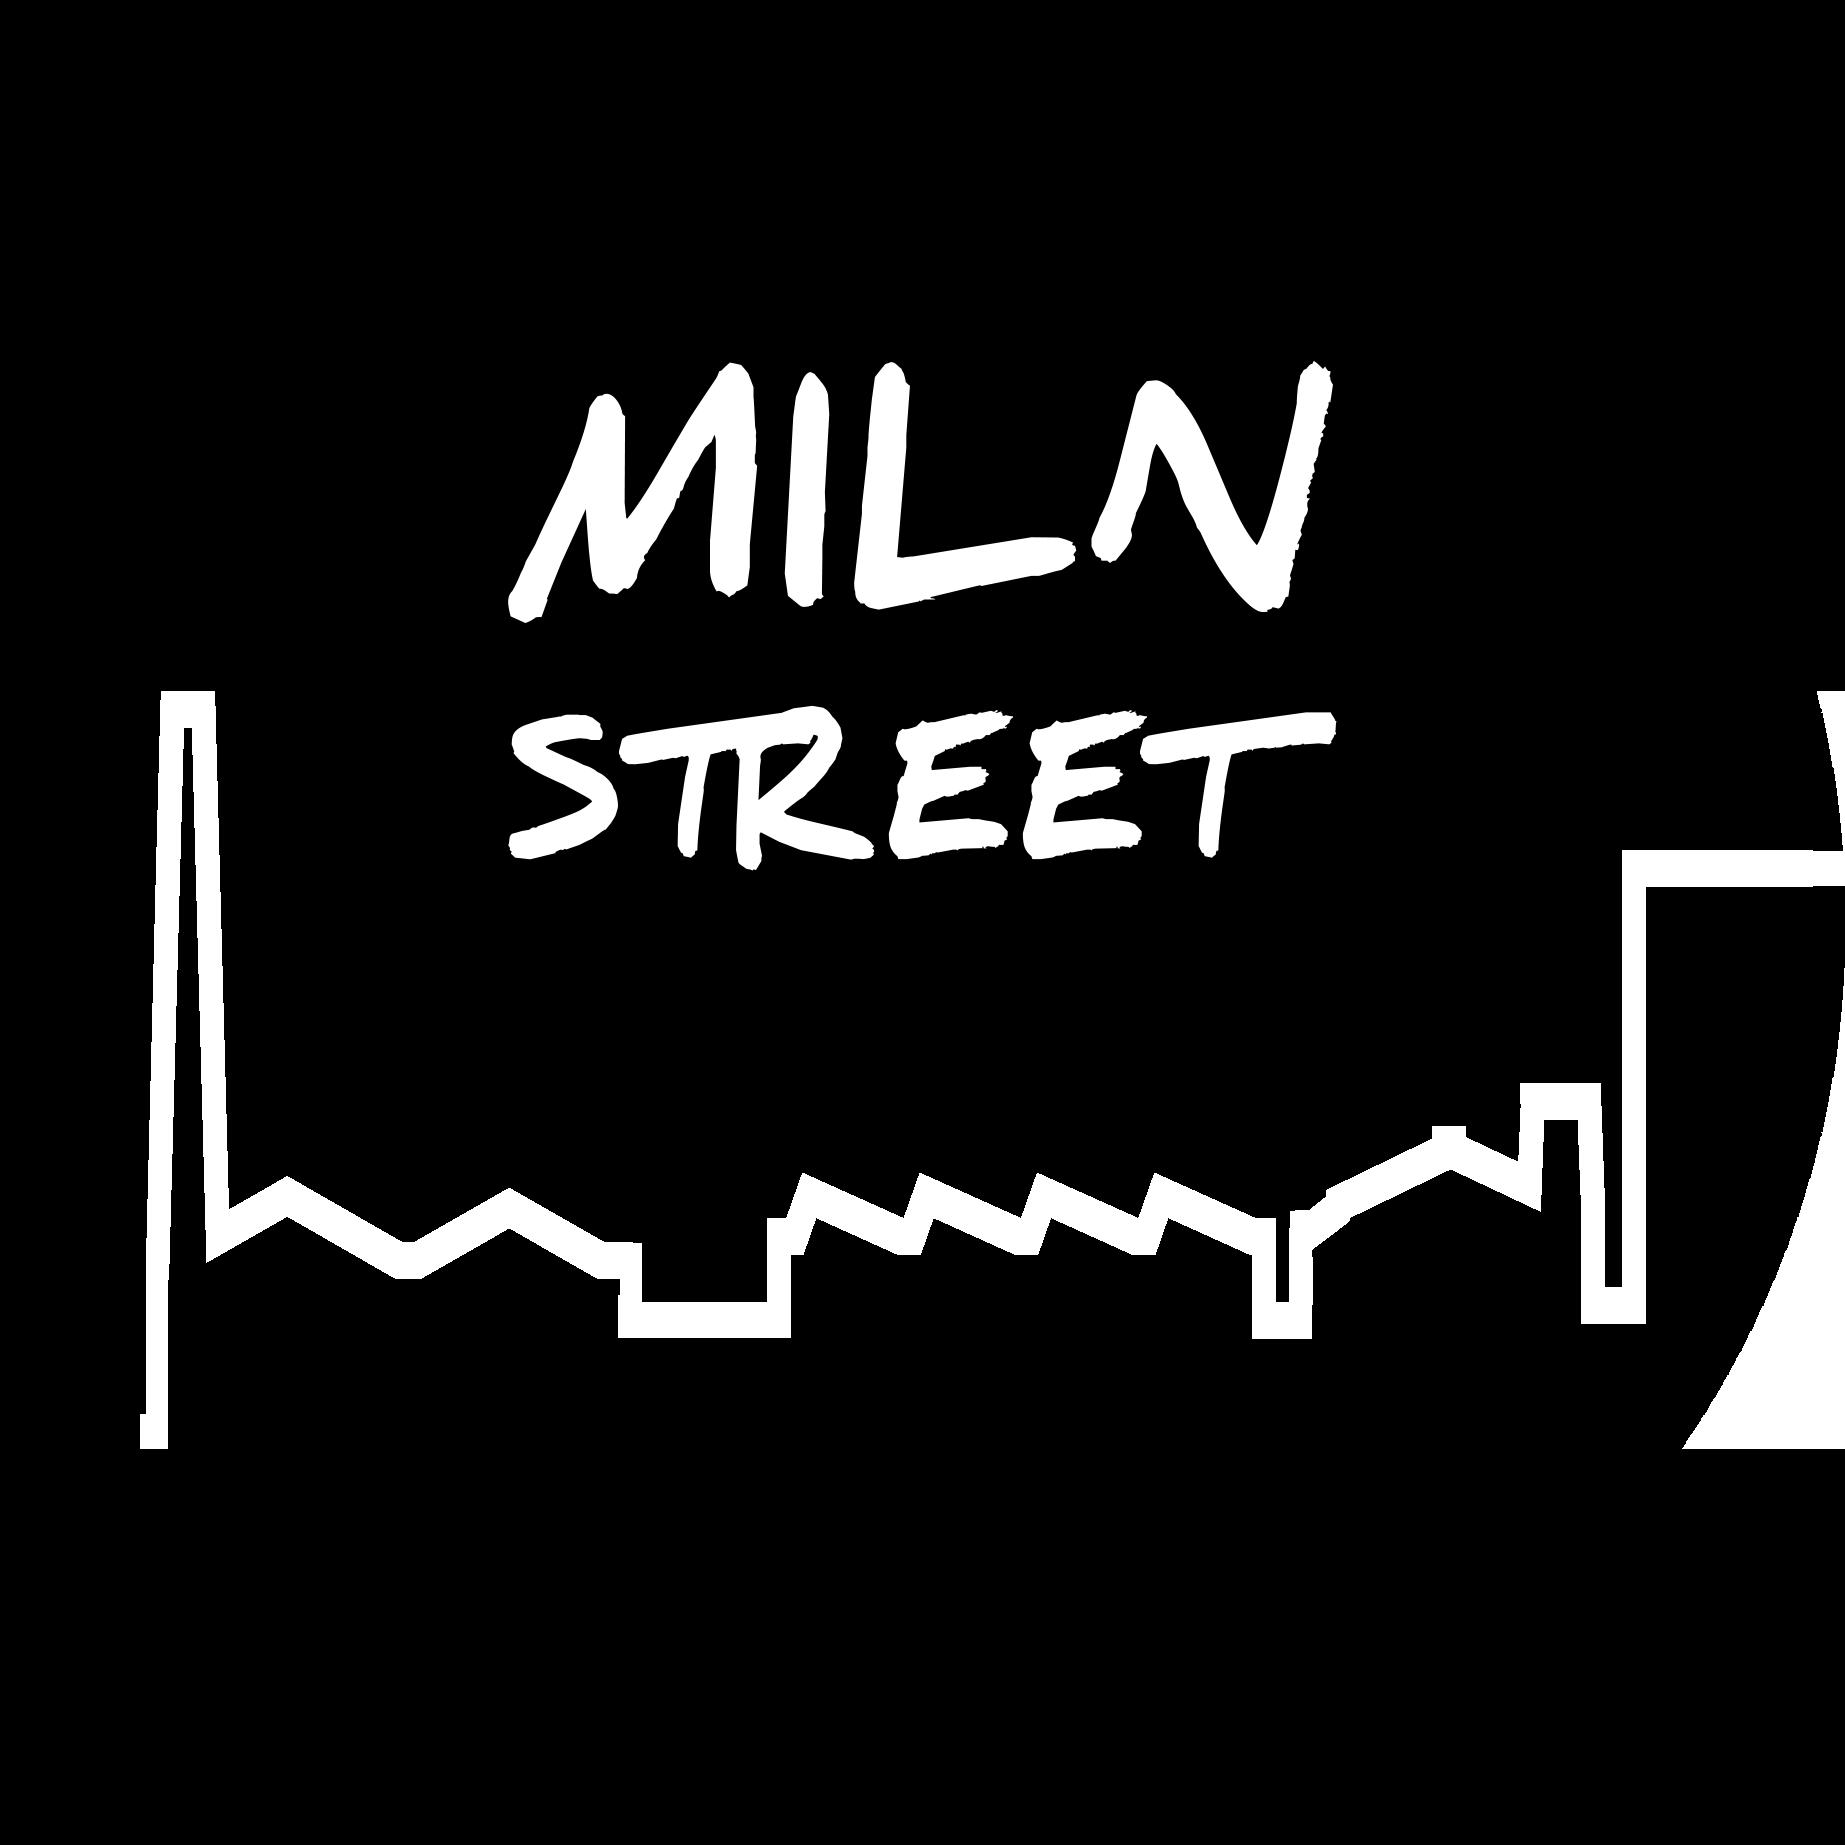 MILN STREET LOGO .png